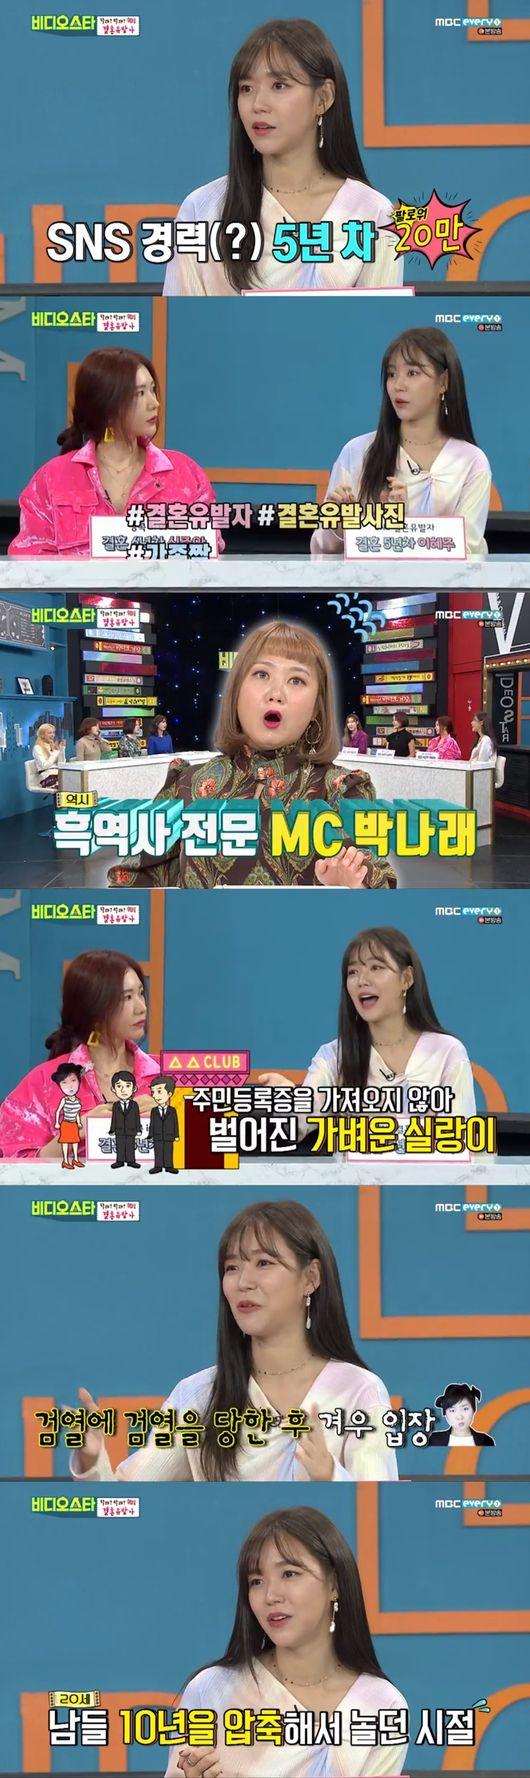 '비디오스타' 이혜주, SNS 팔로워만 20만 명!